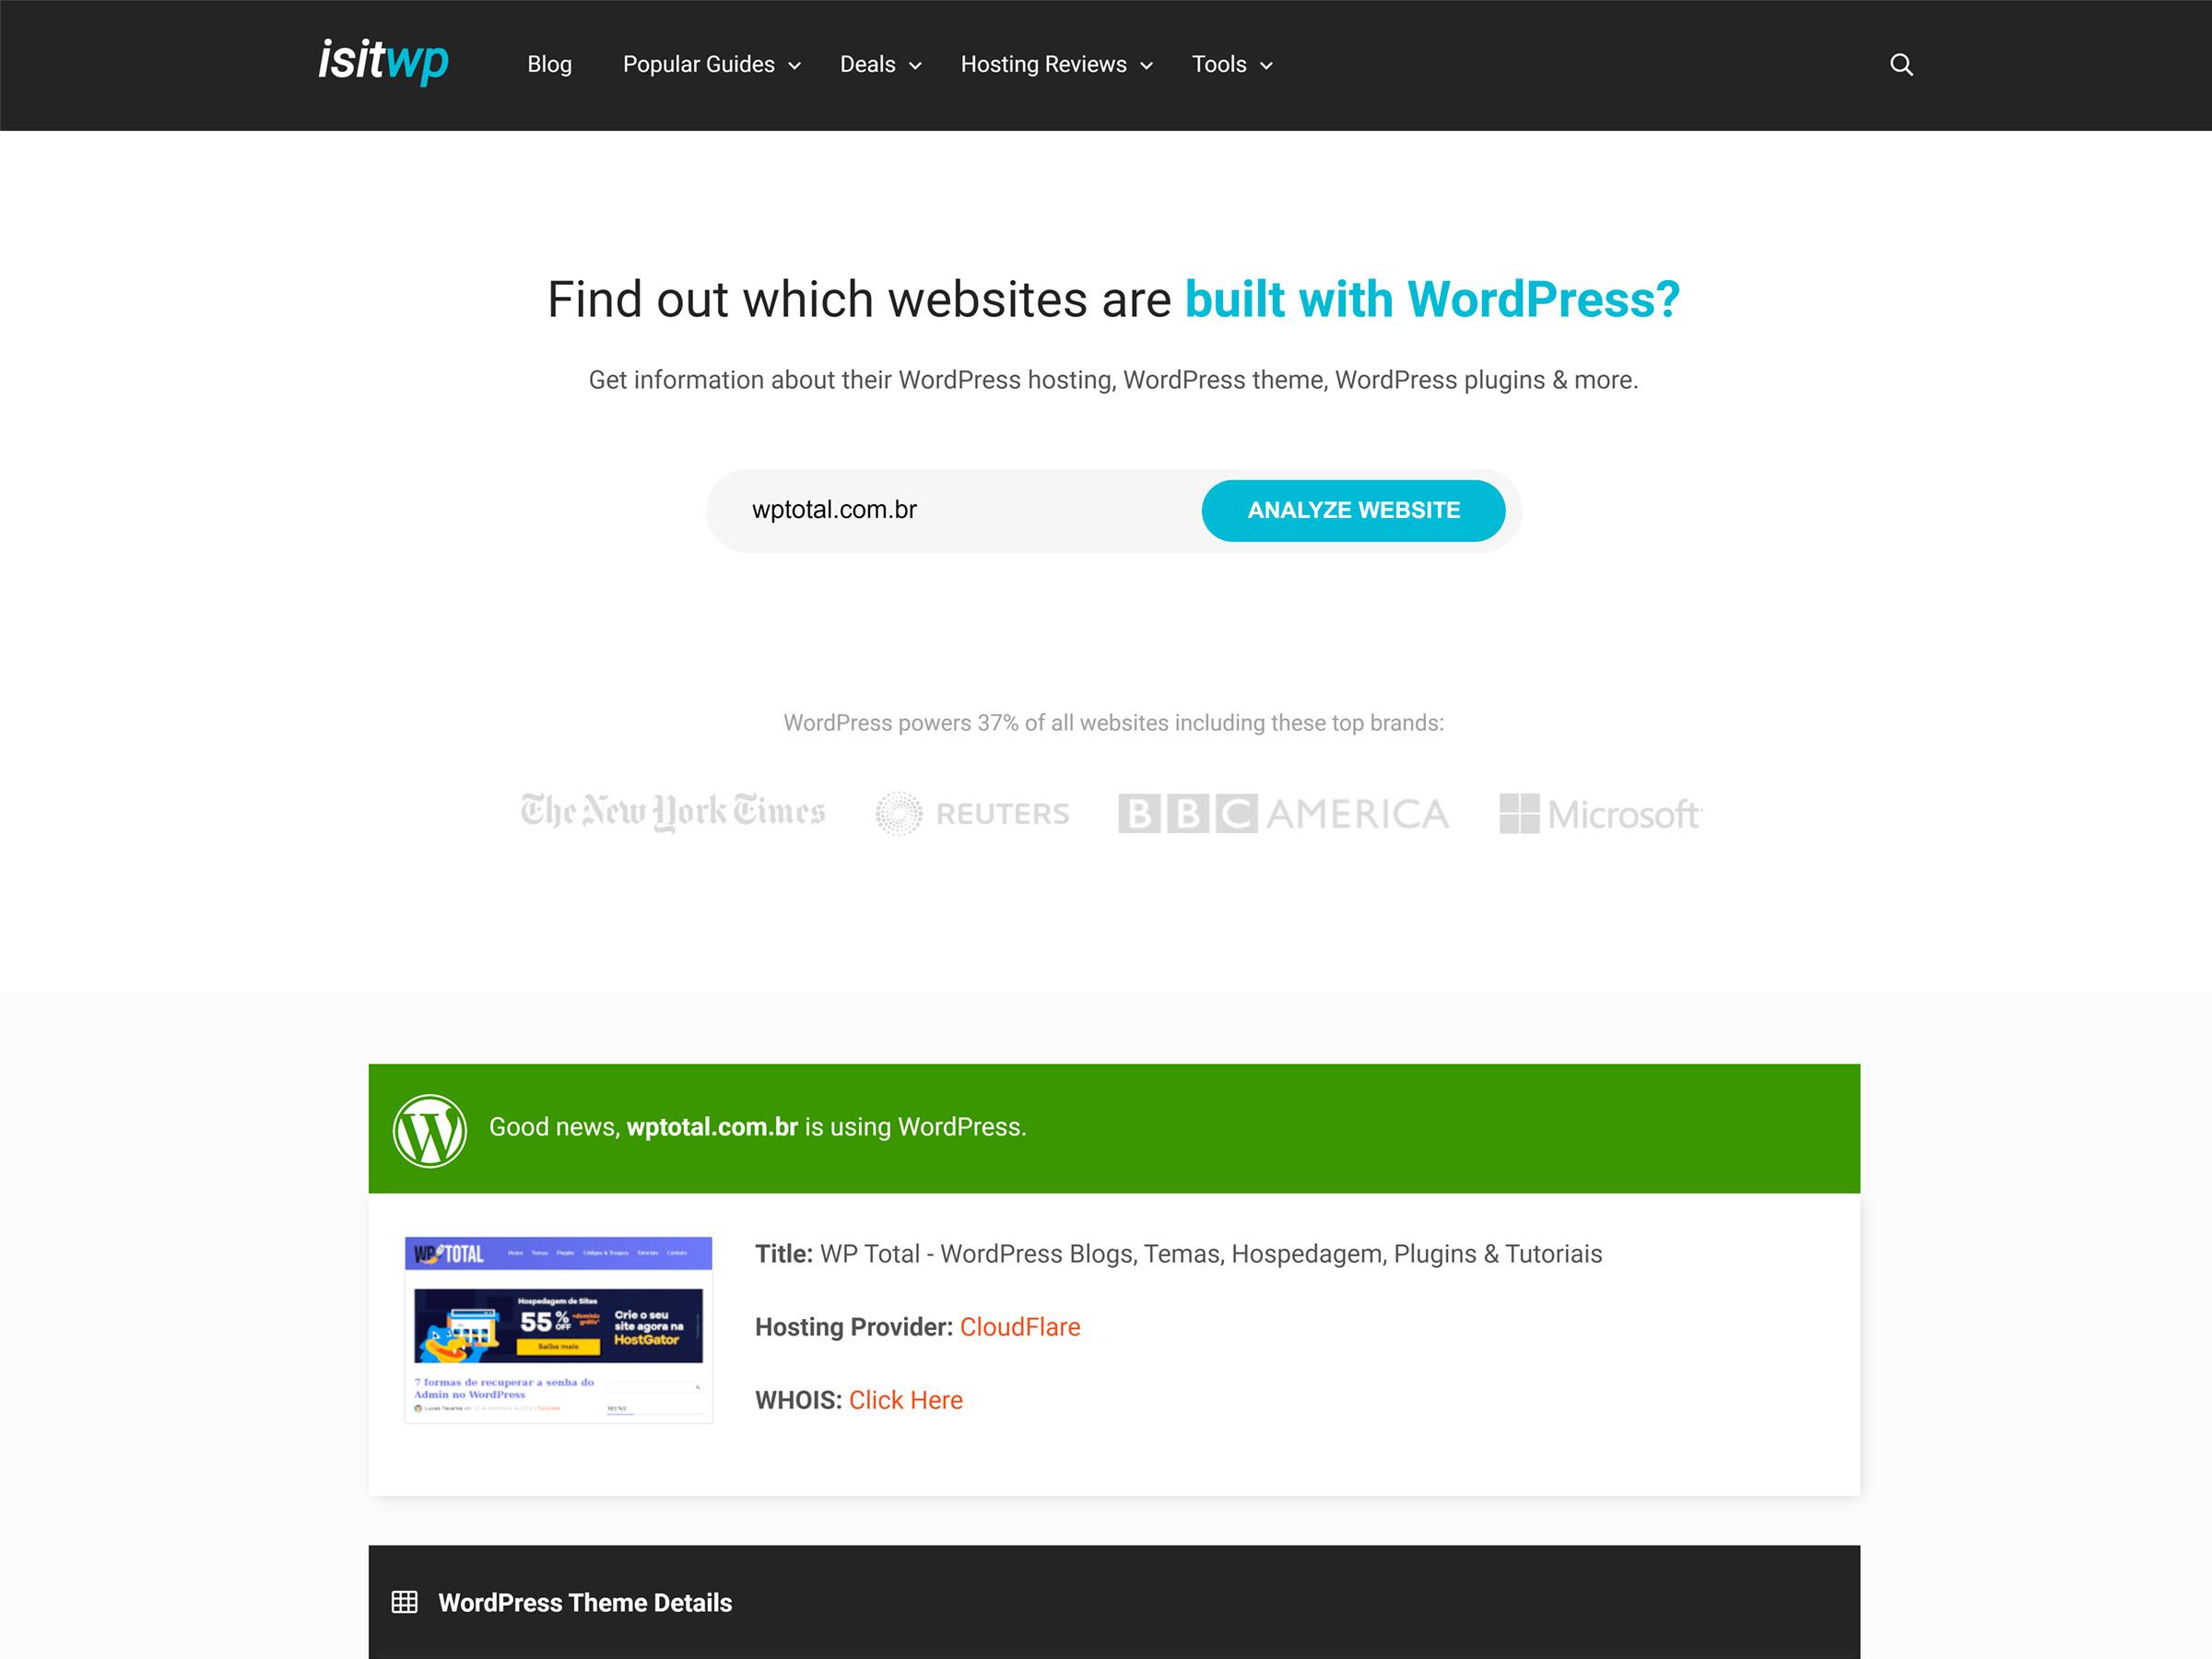 como saber se o site usa wordpress com uma ferramenta